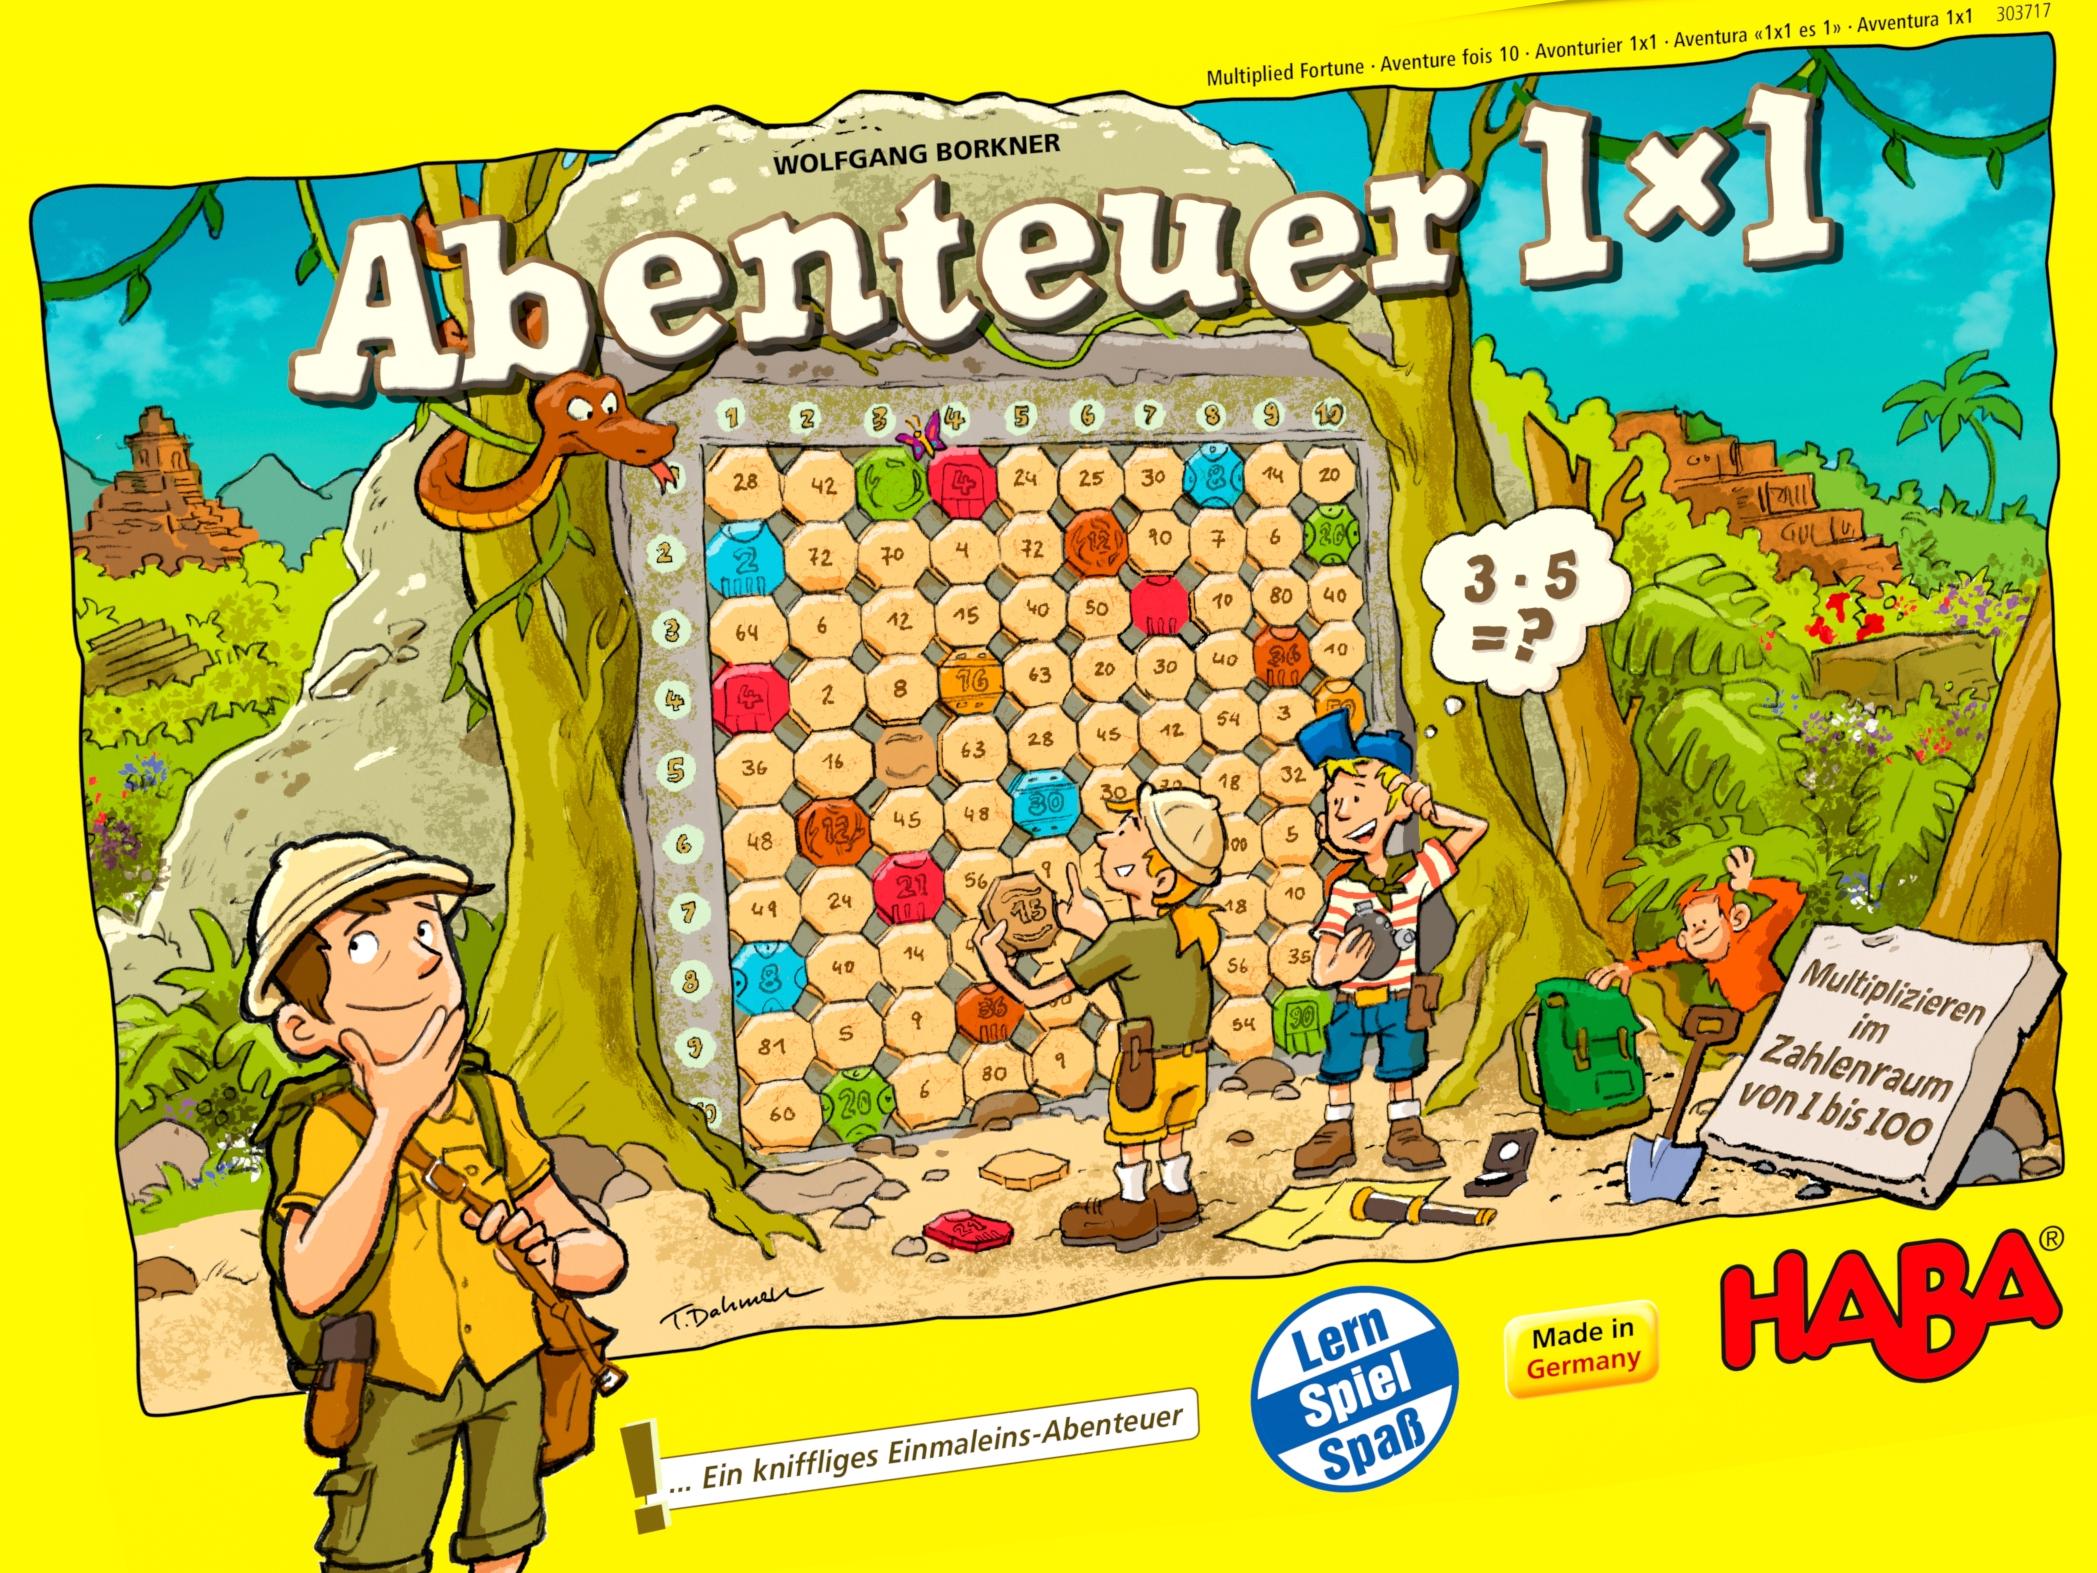 Abenteuer Spiele